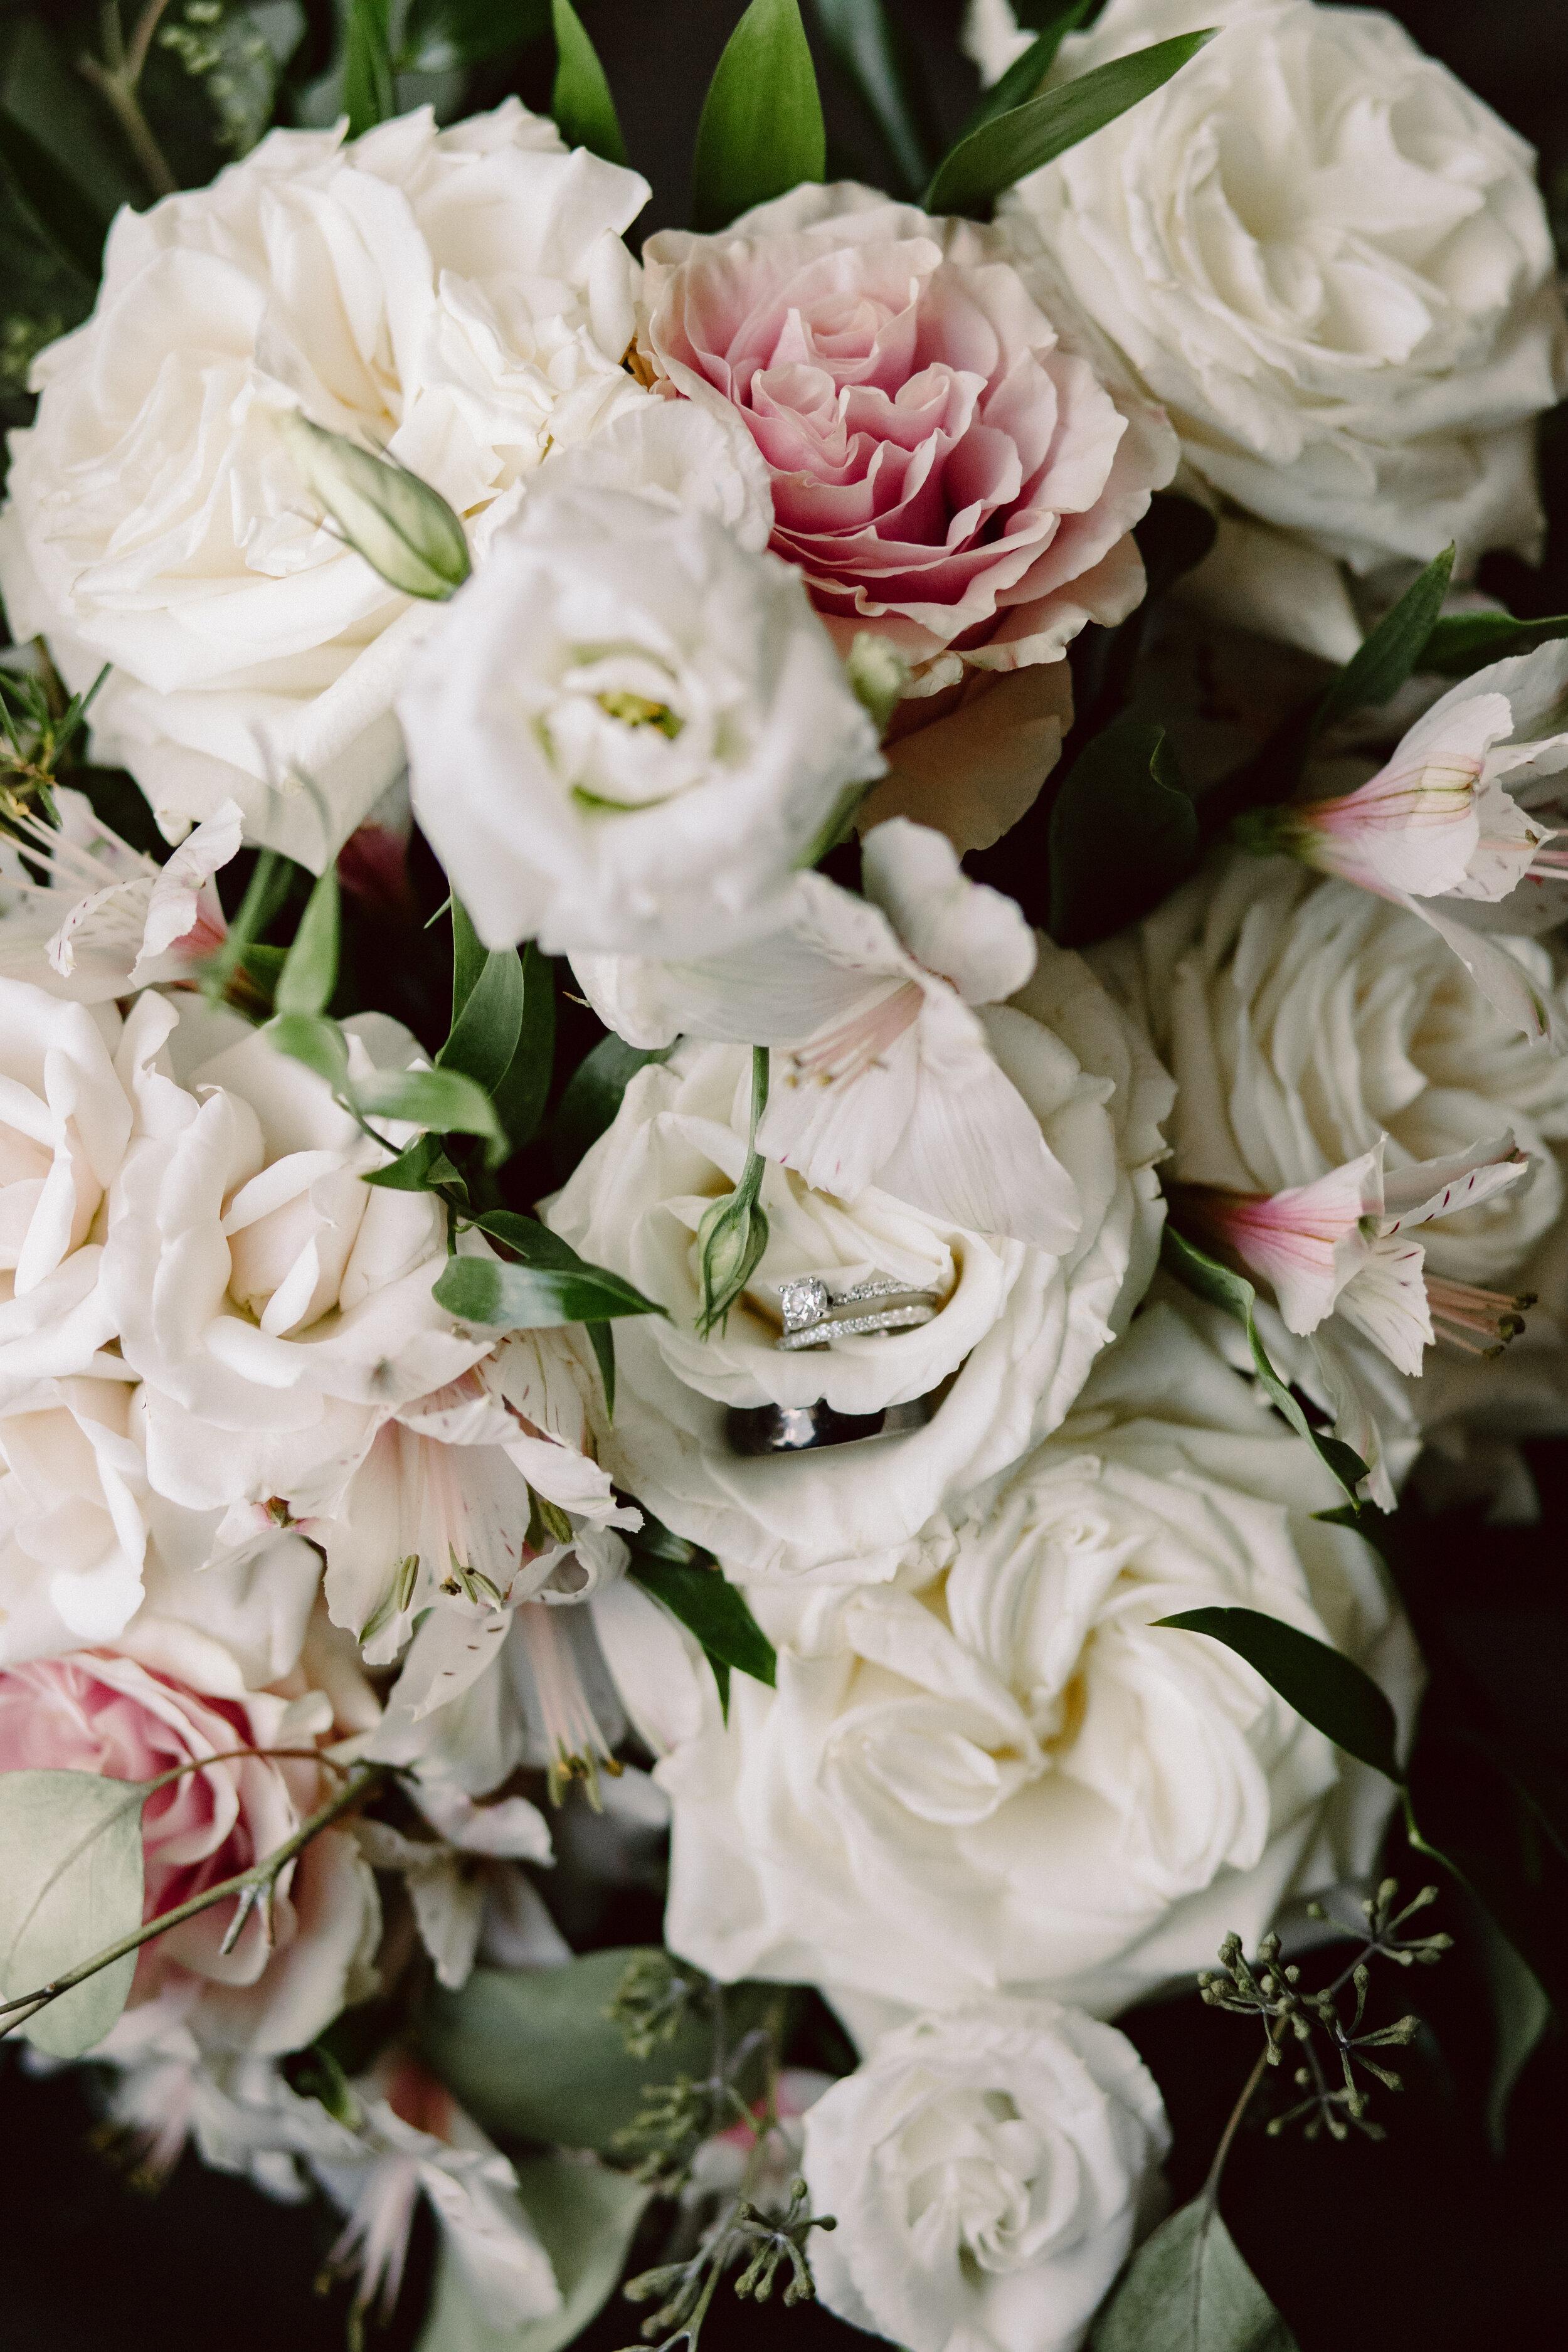 S&B Wedding - Getting Ready & Details-62.jpg